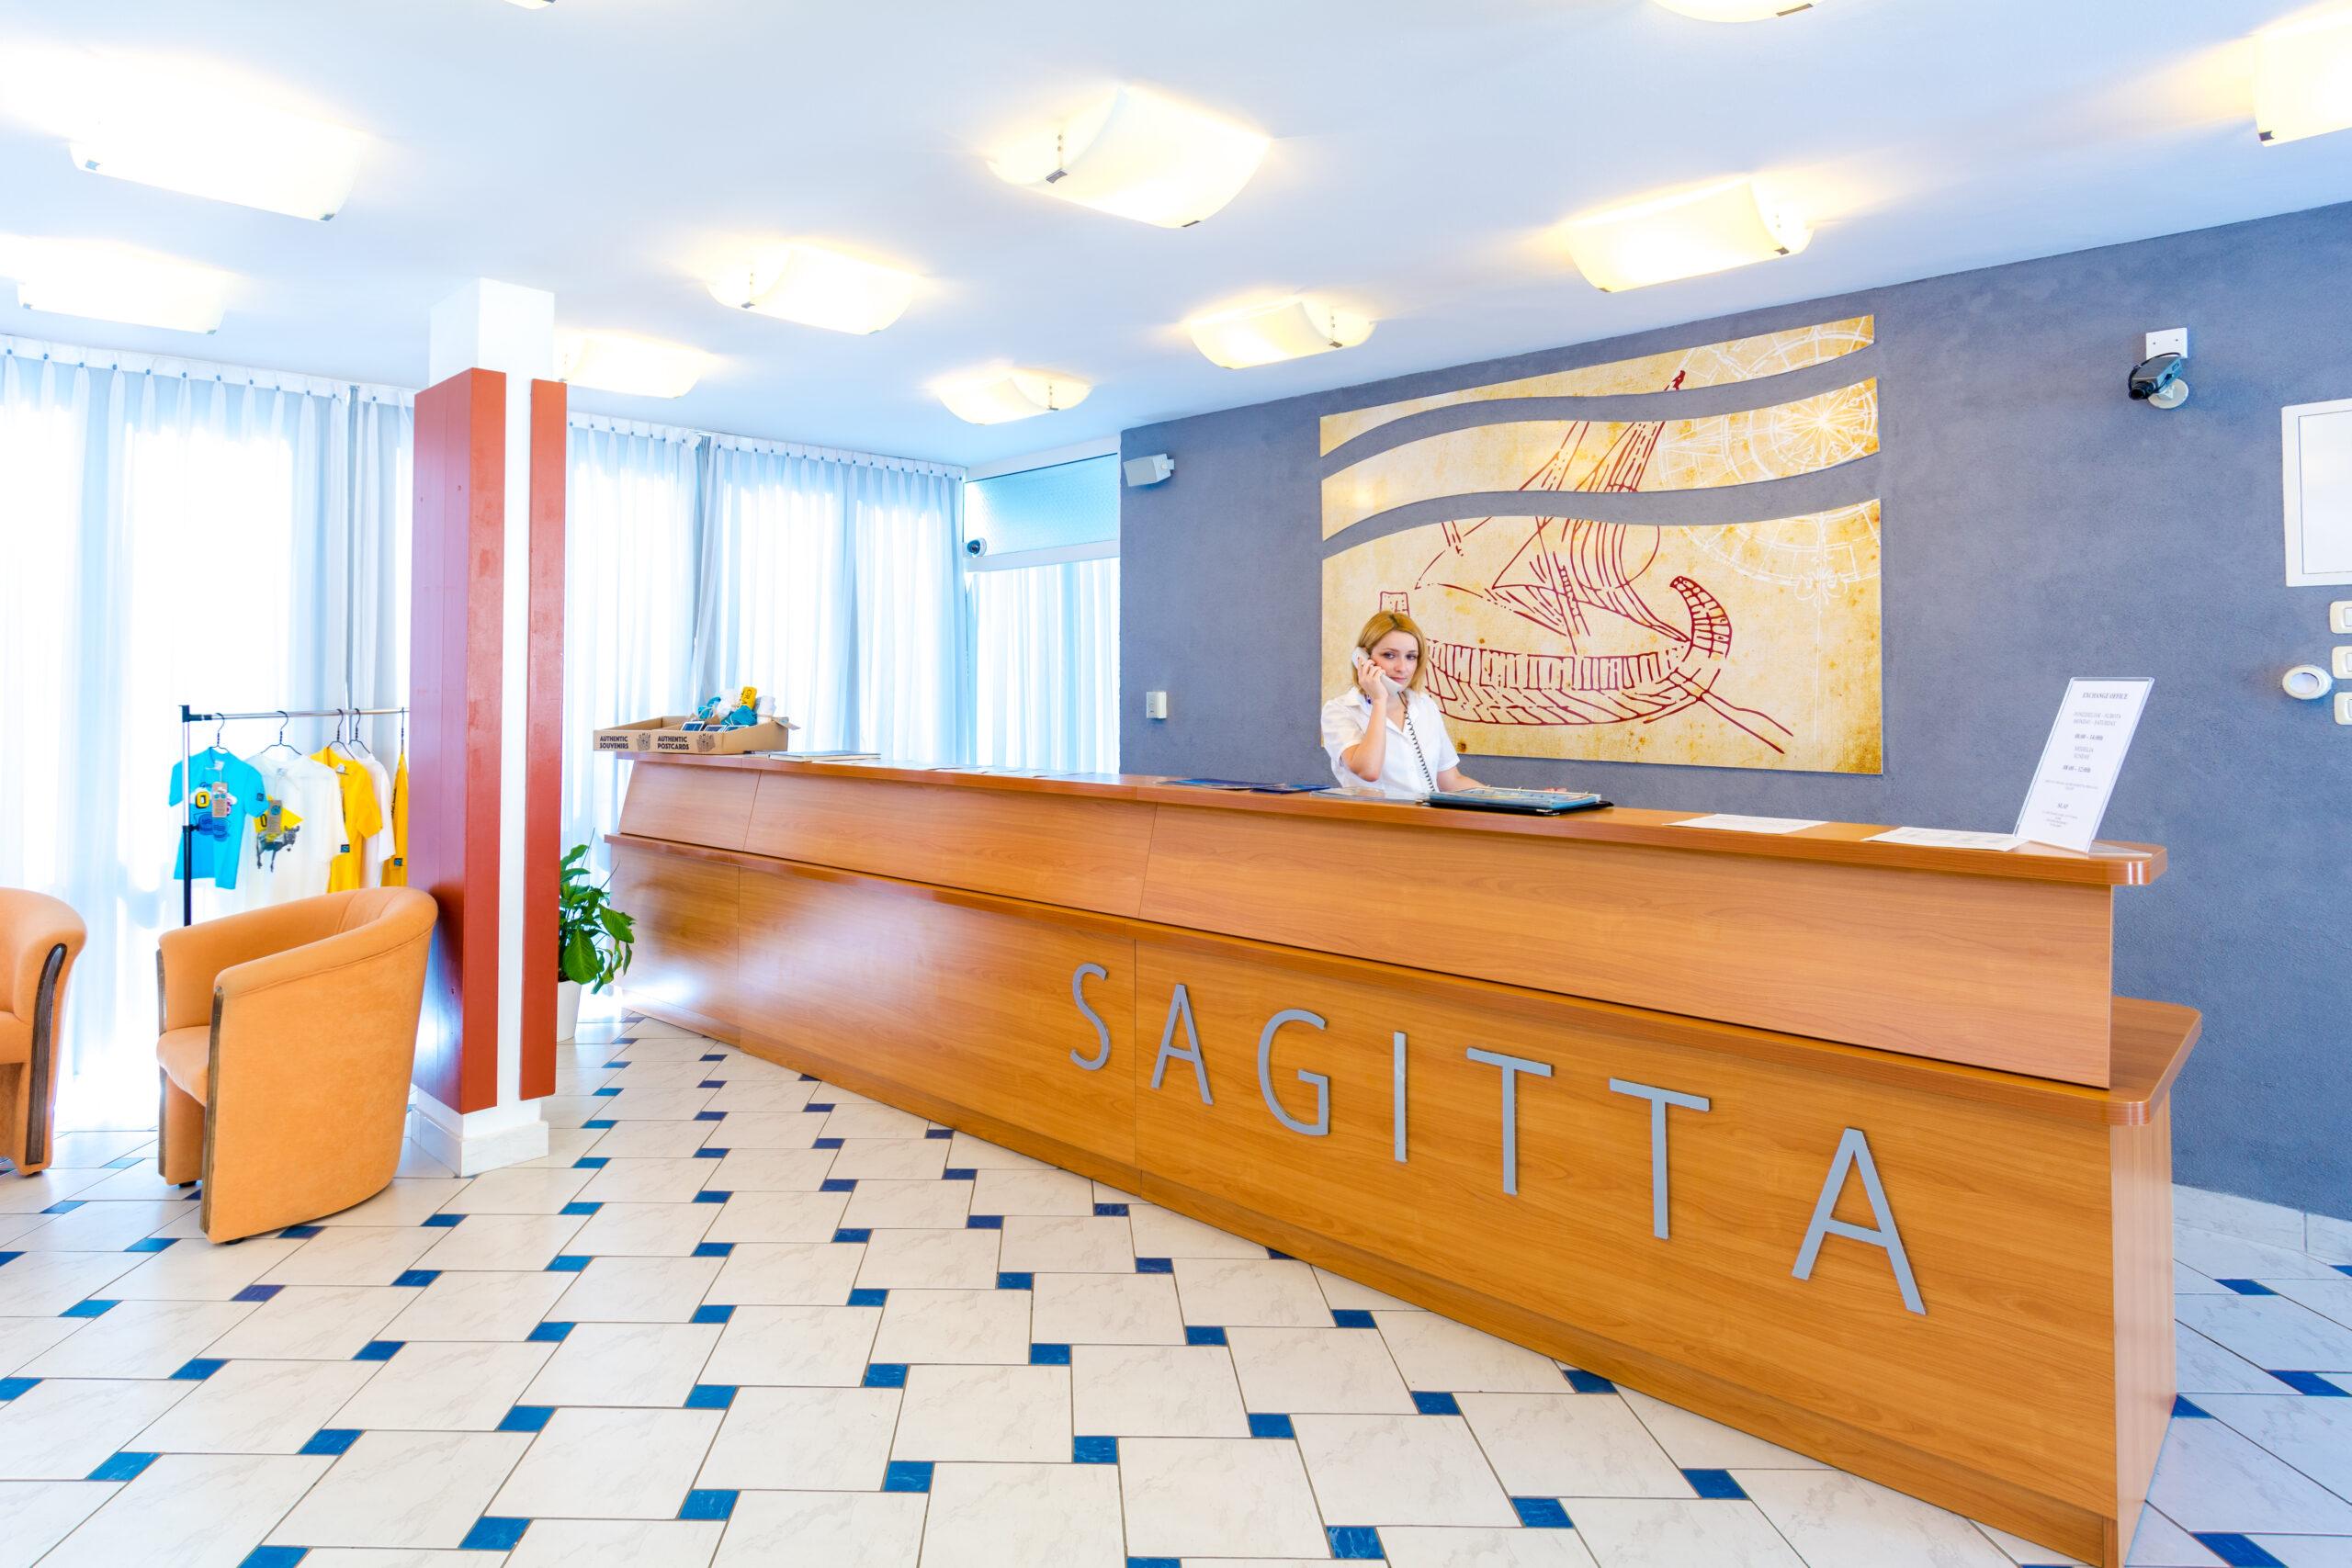 Holiday Village Sagitta - Reception